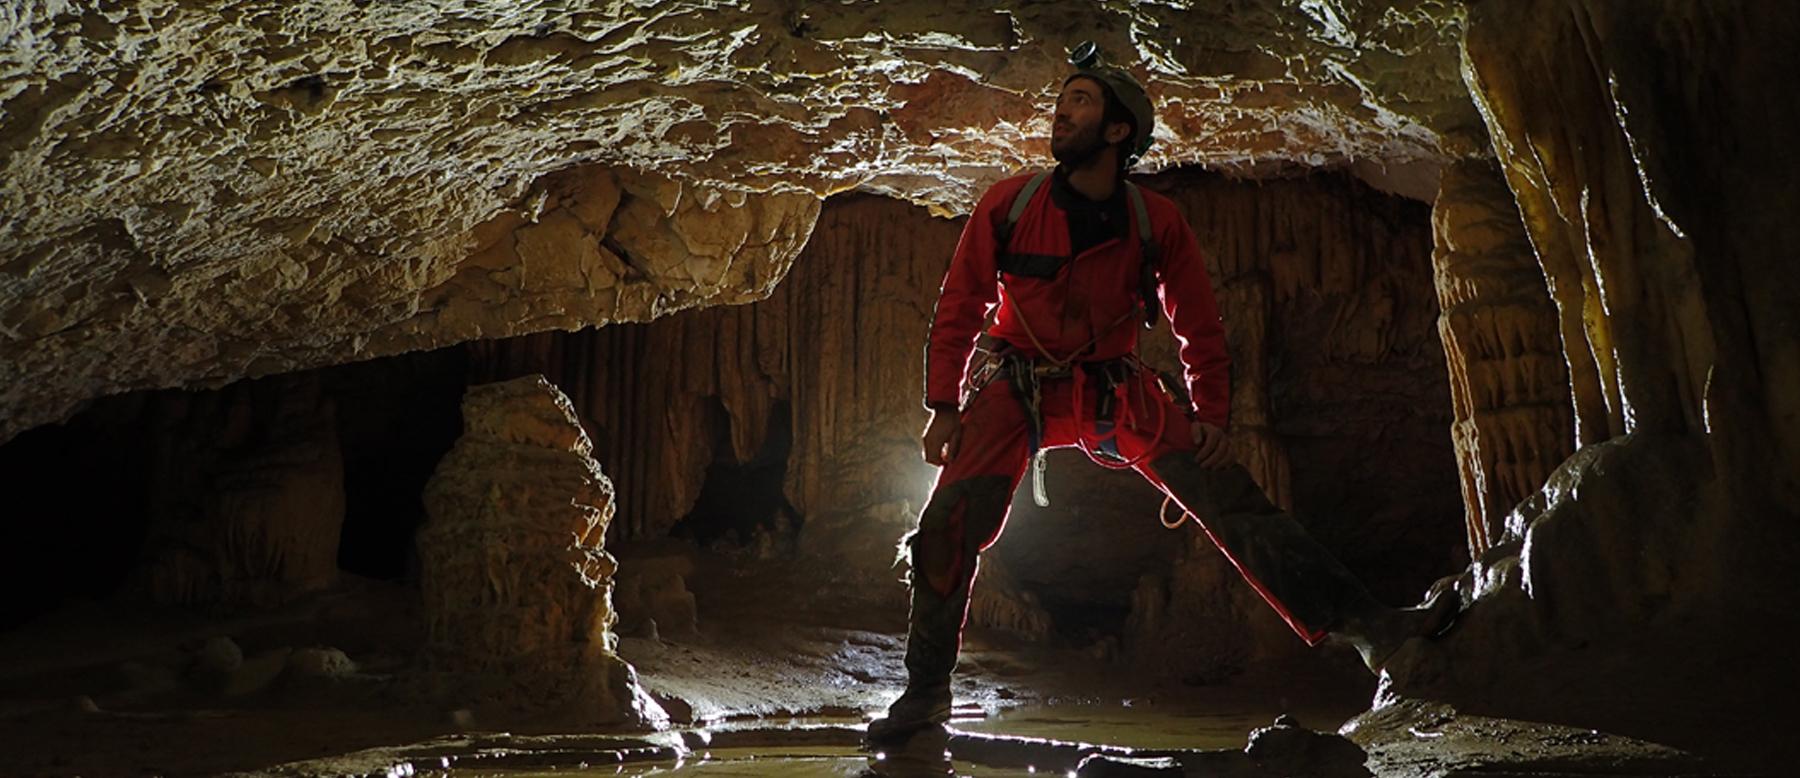 grotte de siech